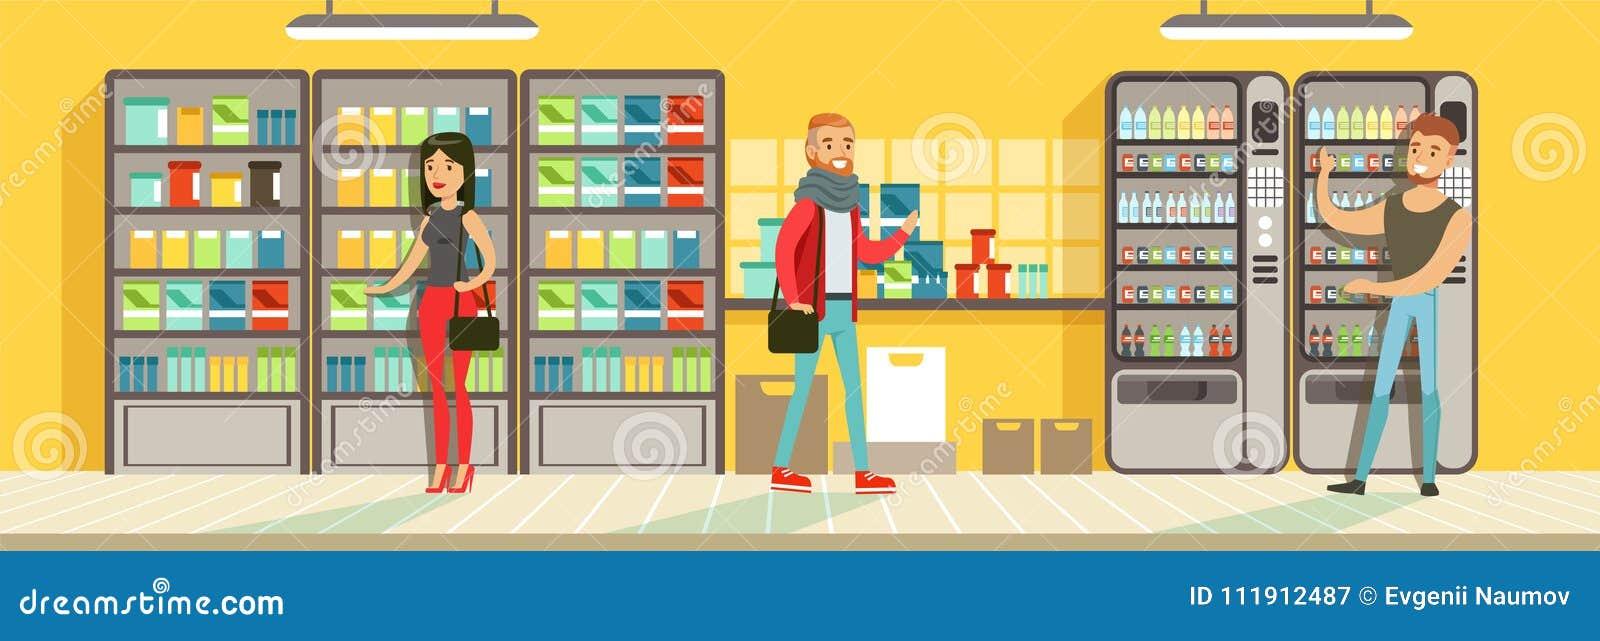 Покупатели делая приобретение в супермаркете, витринах магазина с пить, вектором дизайна интерьера супермаркета горизонтальным